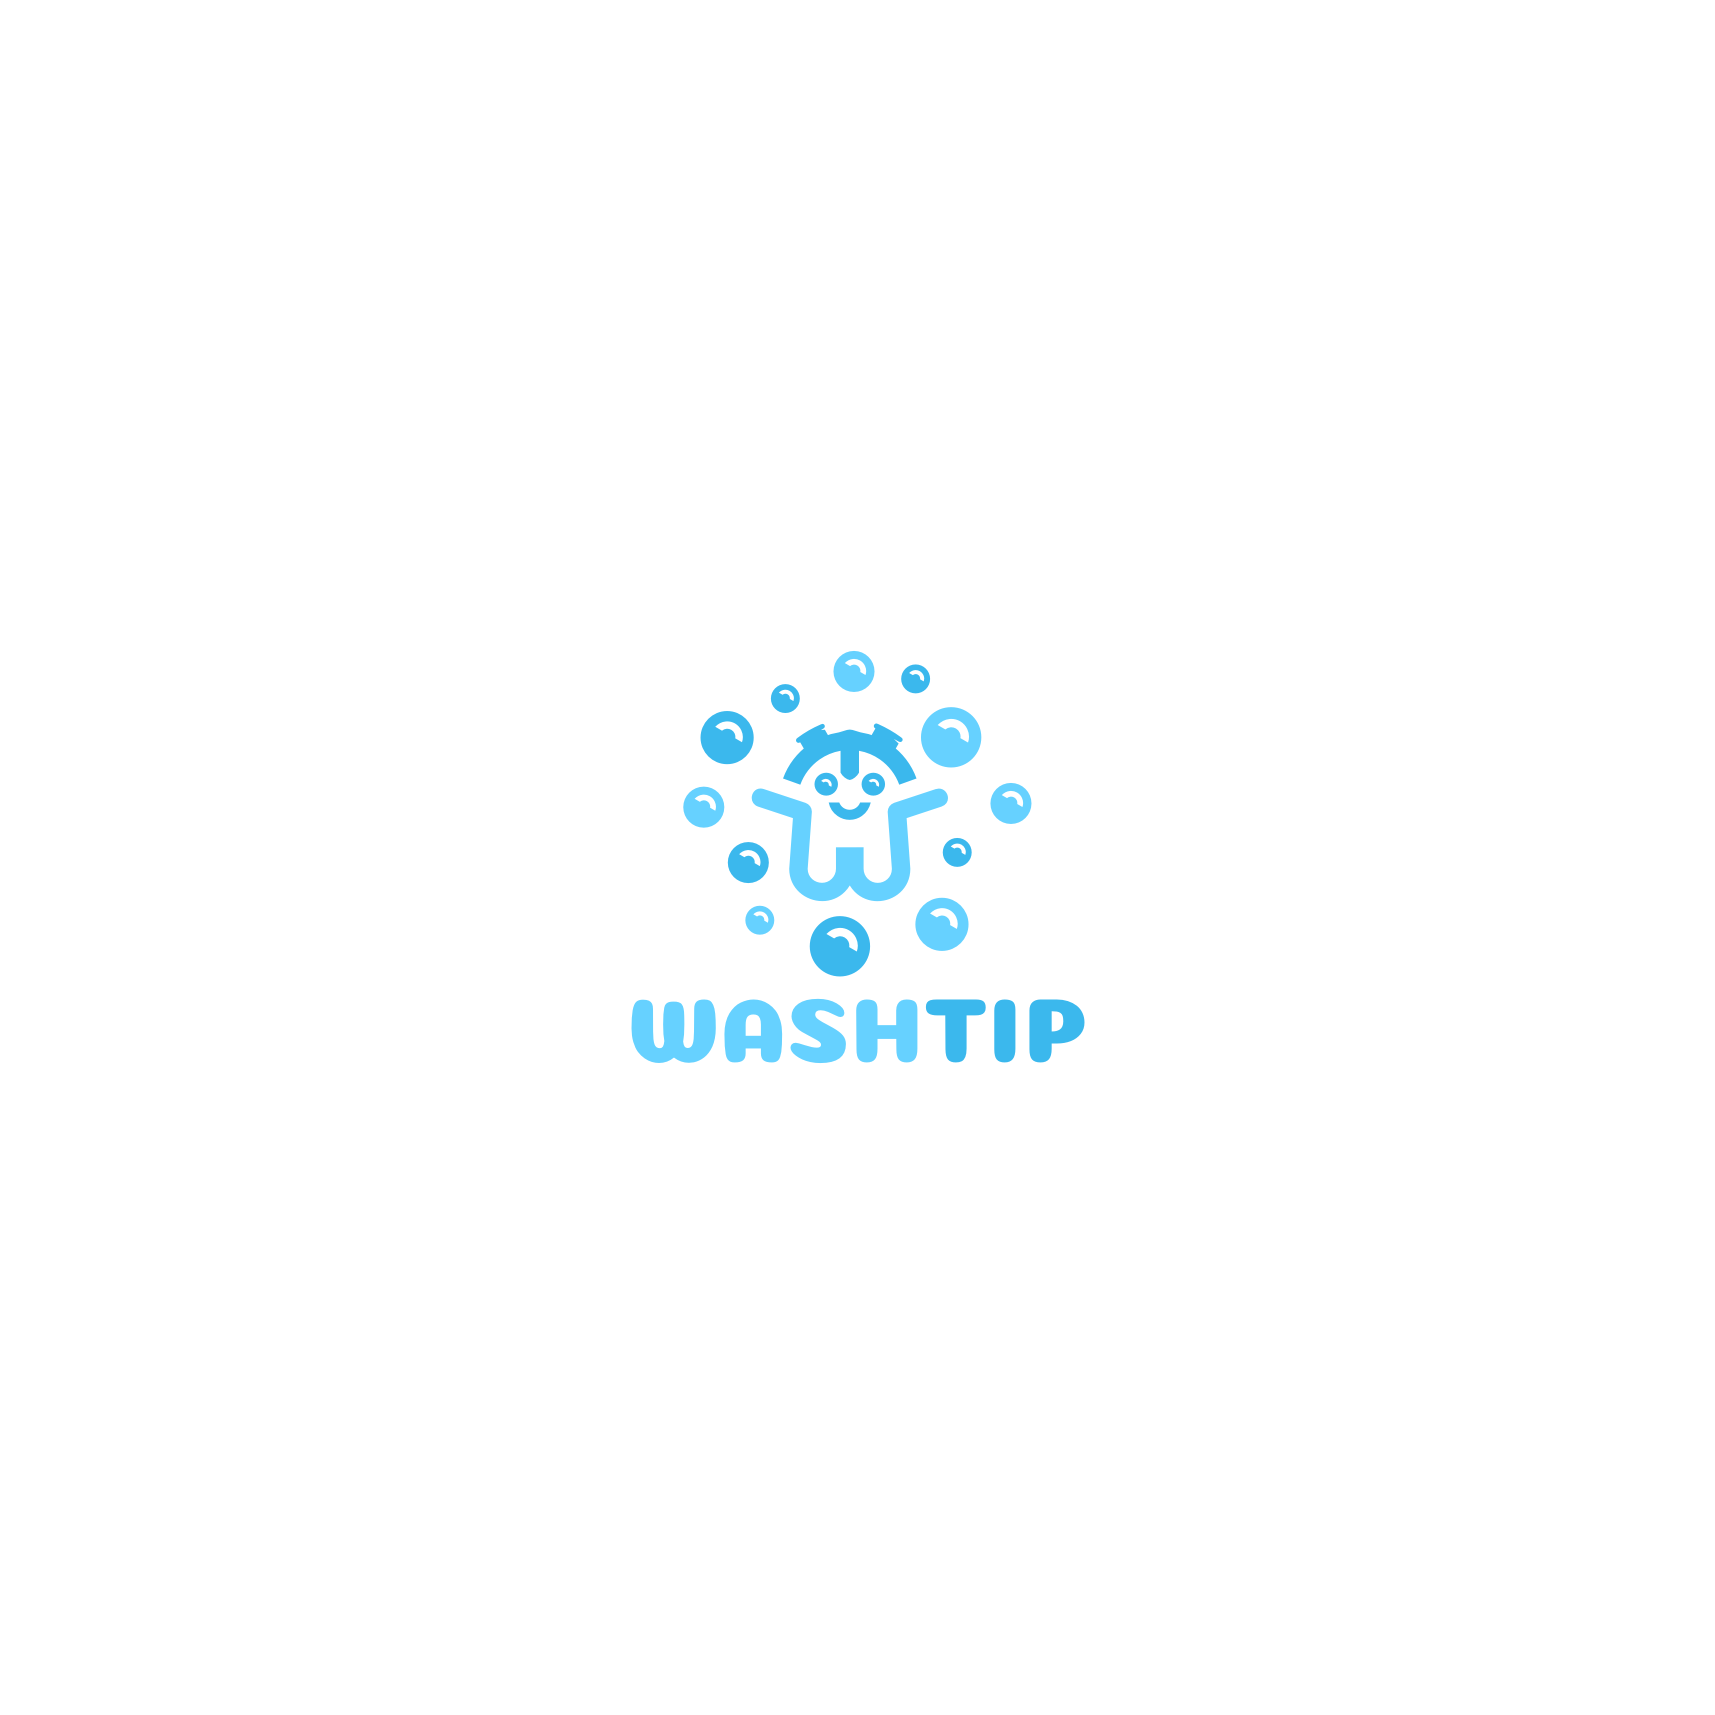 Разработка логотипа для онлайн-сервиса химчистки фото f_4995c0a8af690715.png